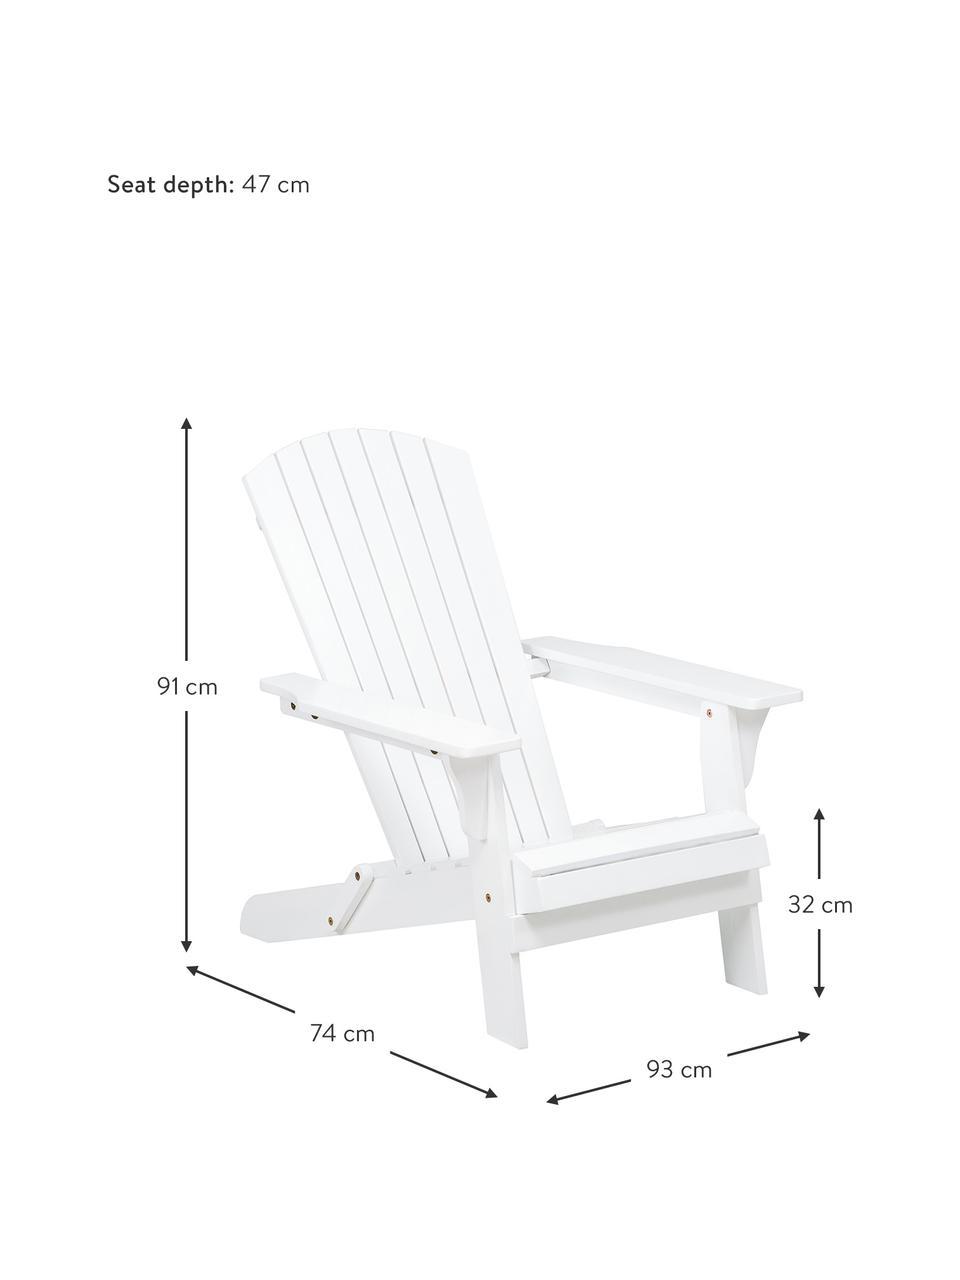 Garten-Loungestuhl Charlie aus Akazienholz in Weiß, Massives Akazienholz, geölt und lackiert, Weiß, B 93 x T 74 cm